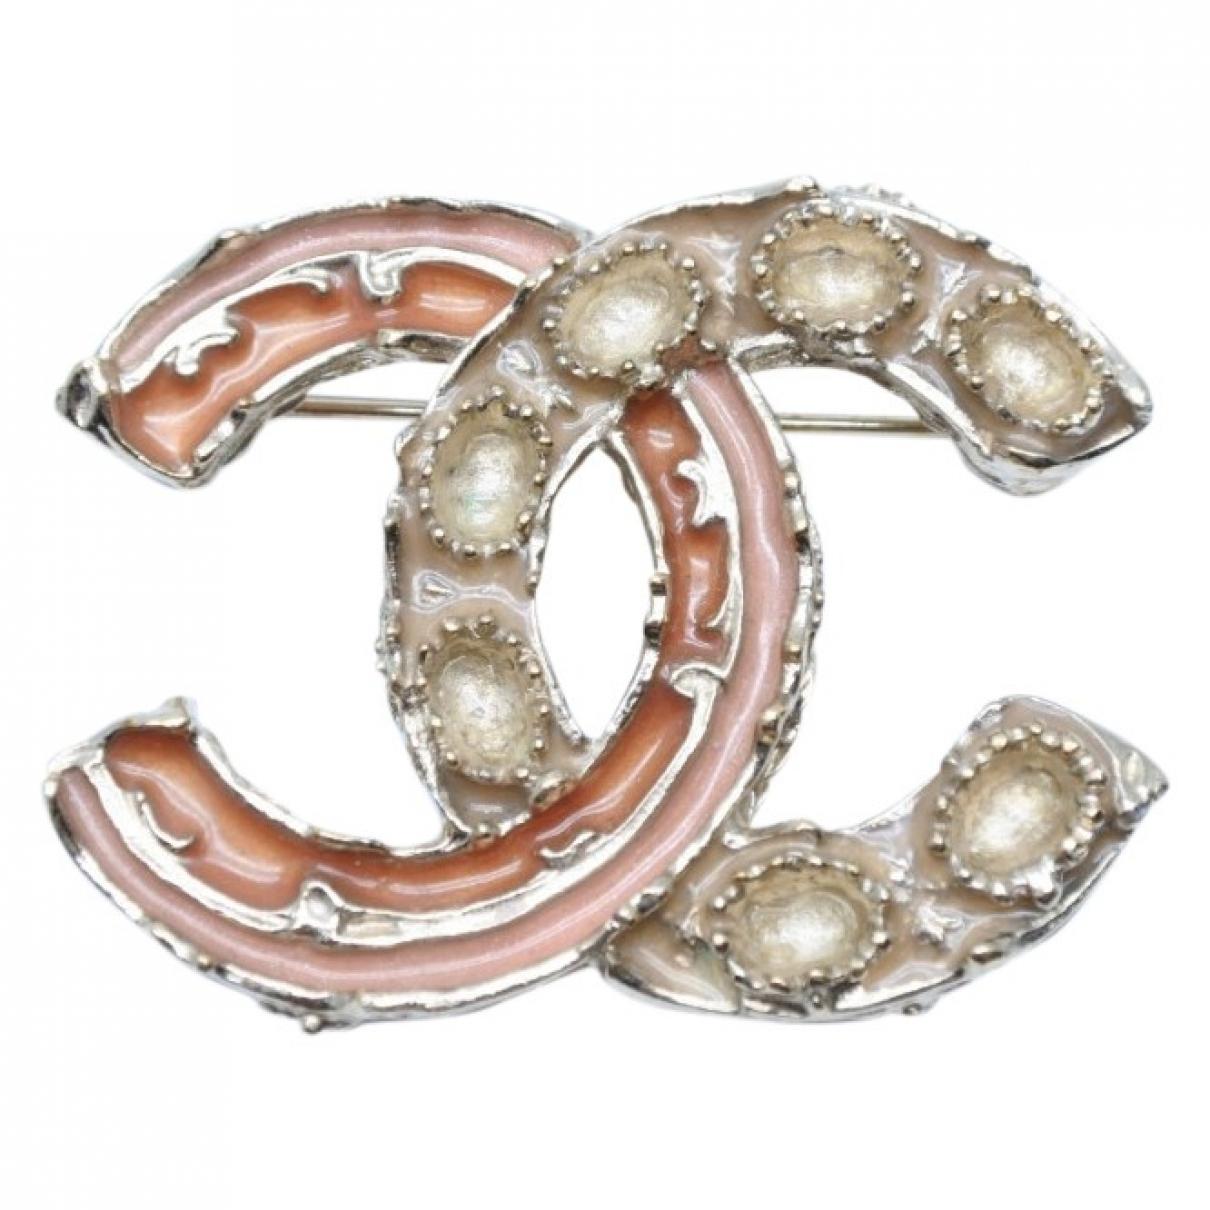 Broche CC en Chapado en oro Dorado Chanel